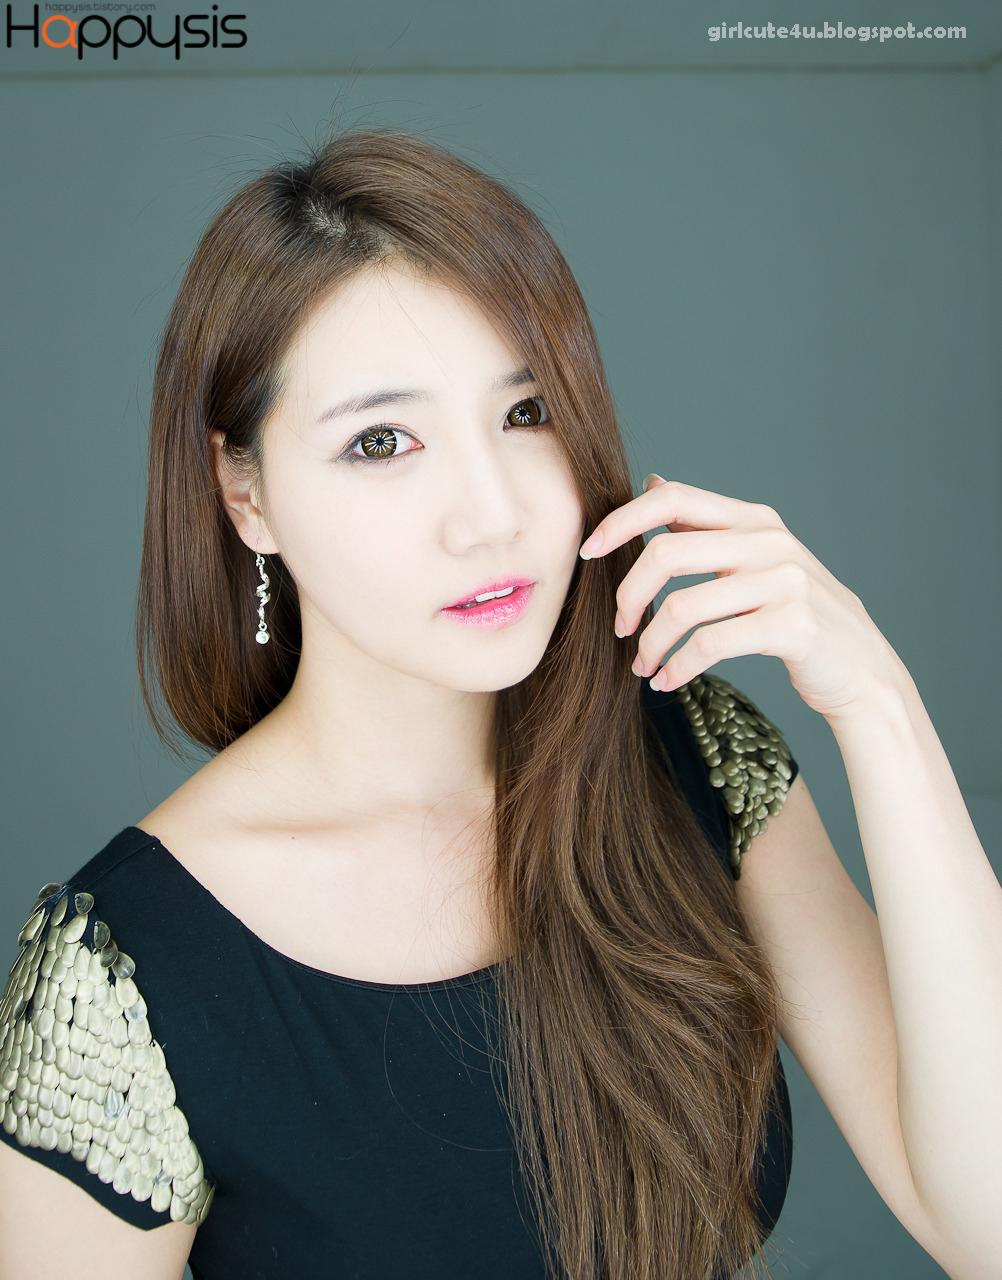 xxx nude girls: Lee Eun Hye in Black